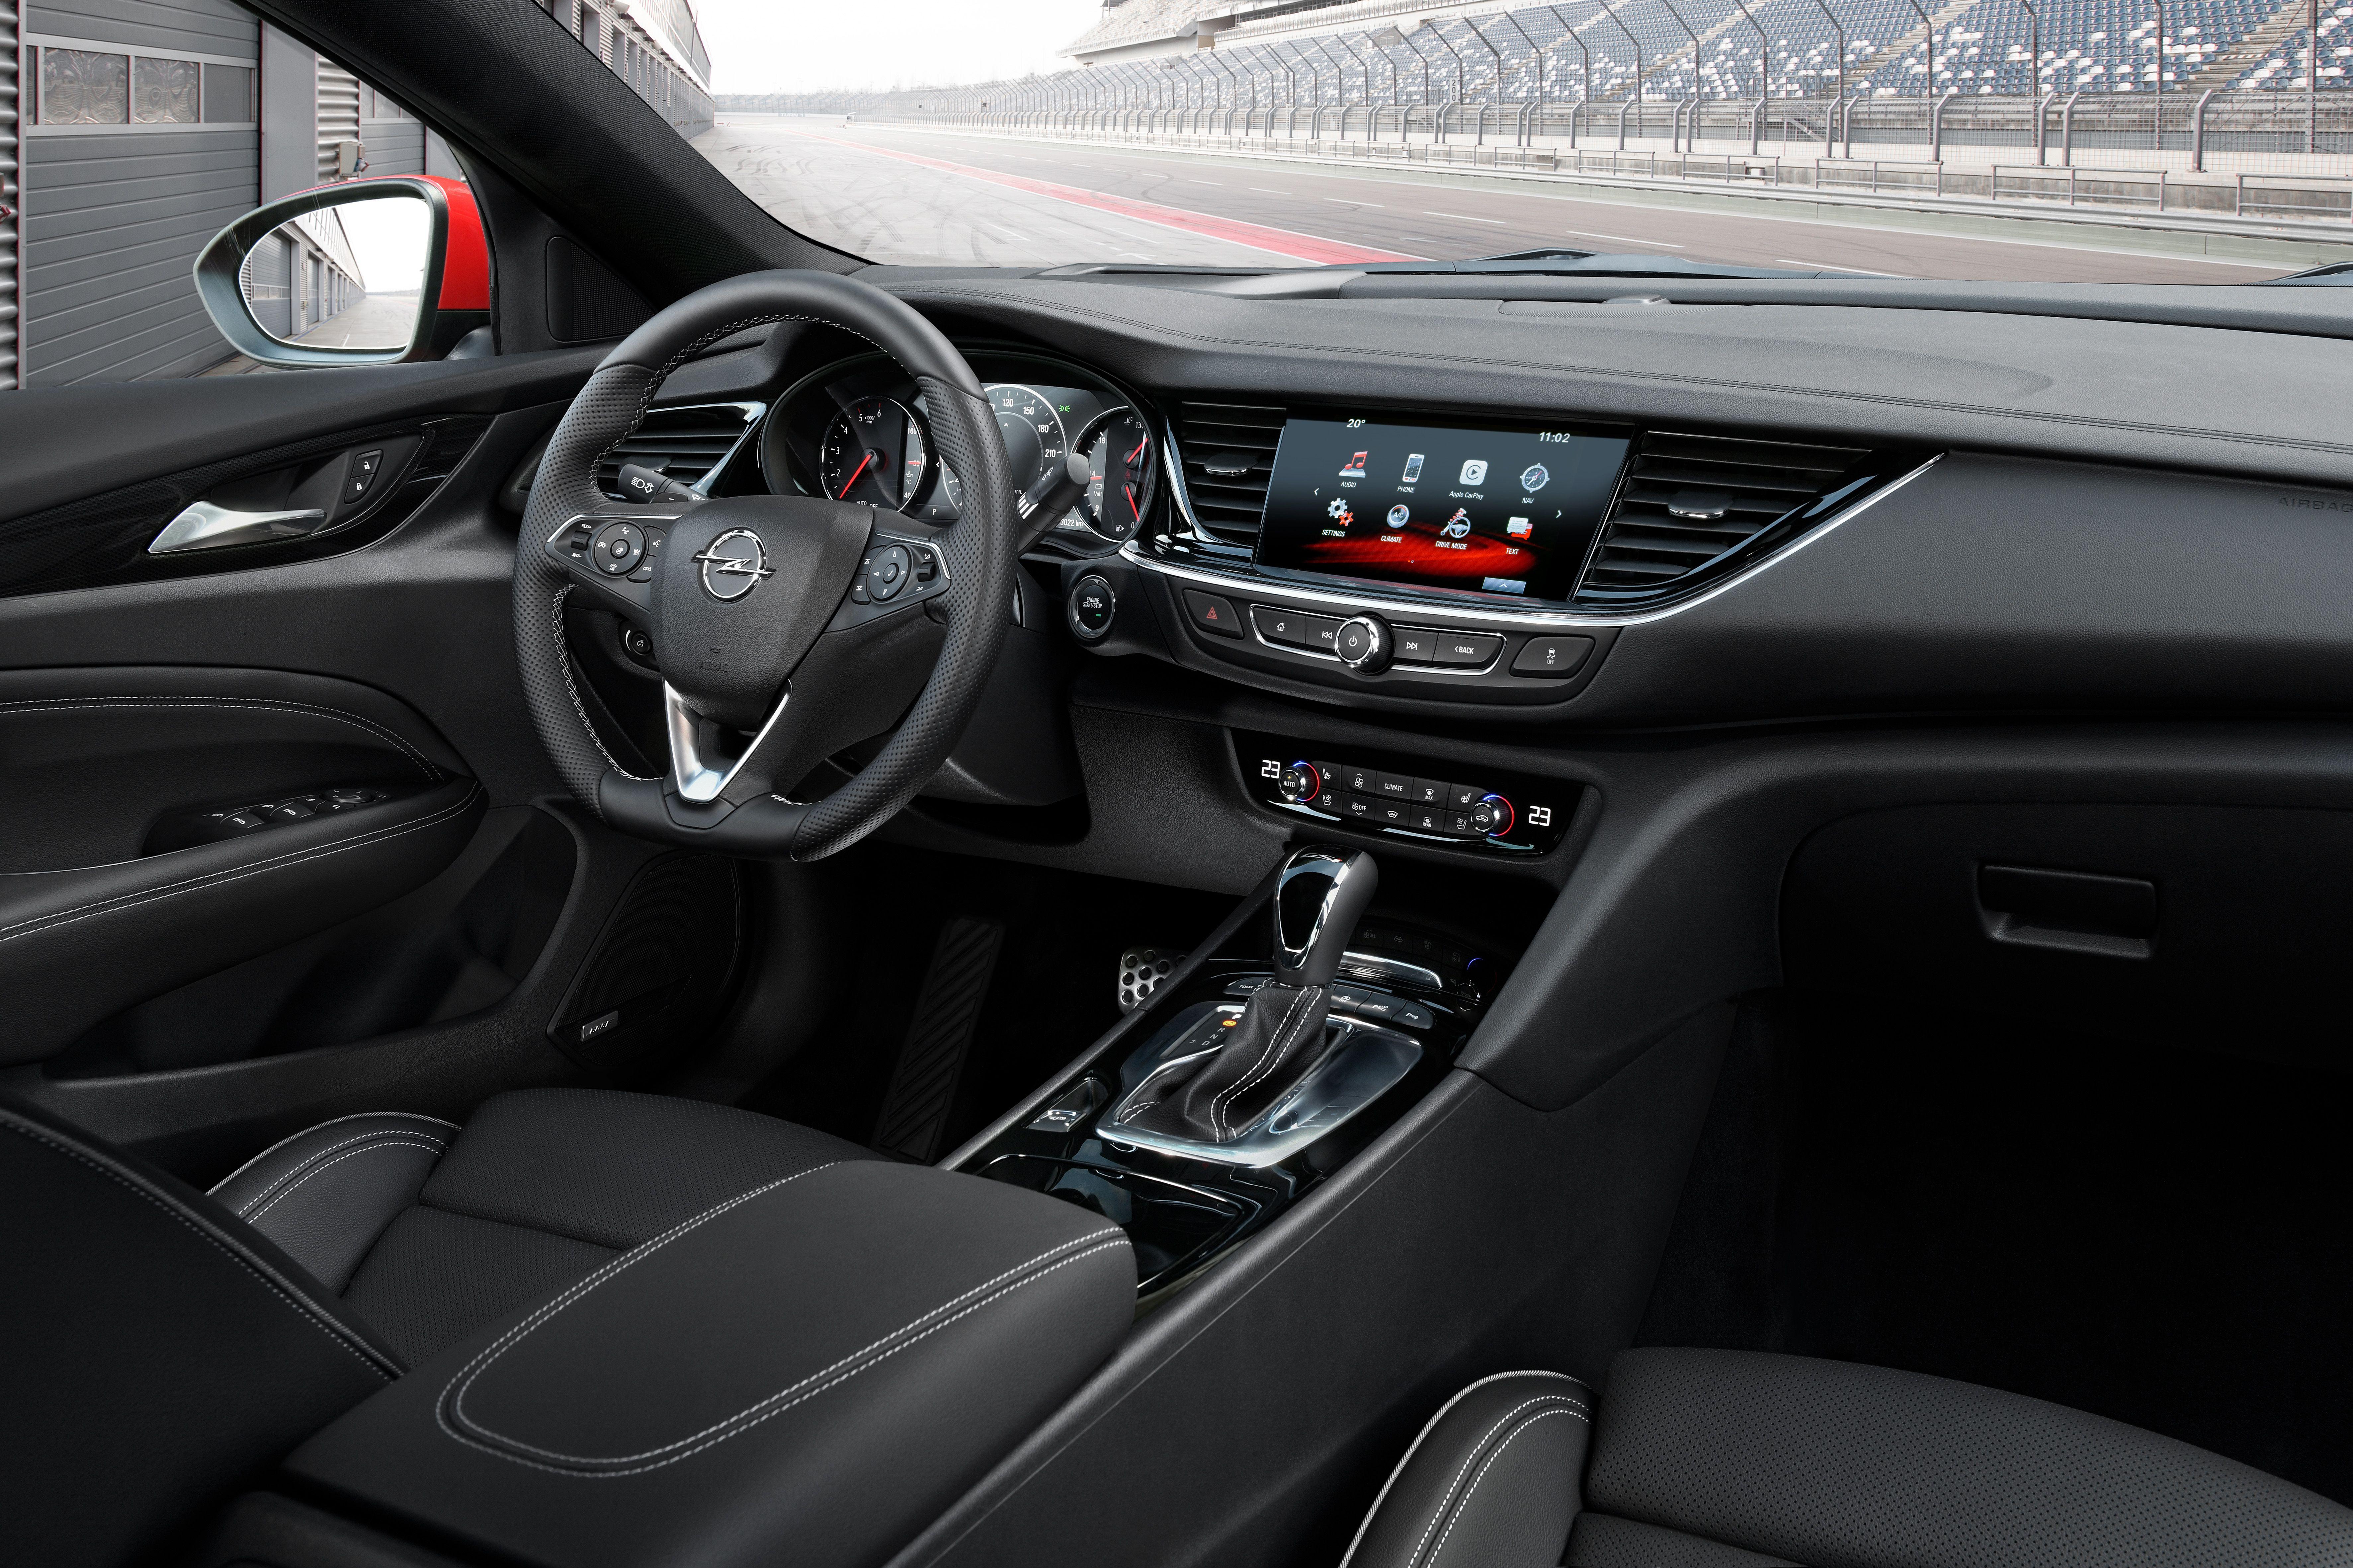 Opel Insignia Gsi 2018 Interior